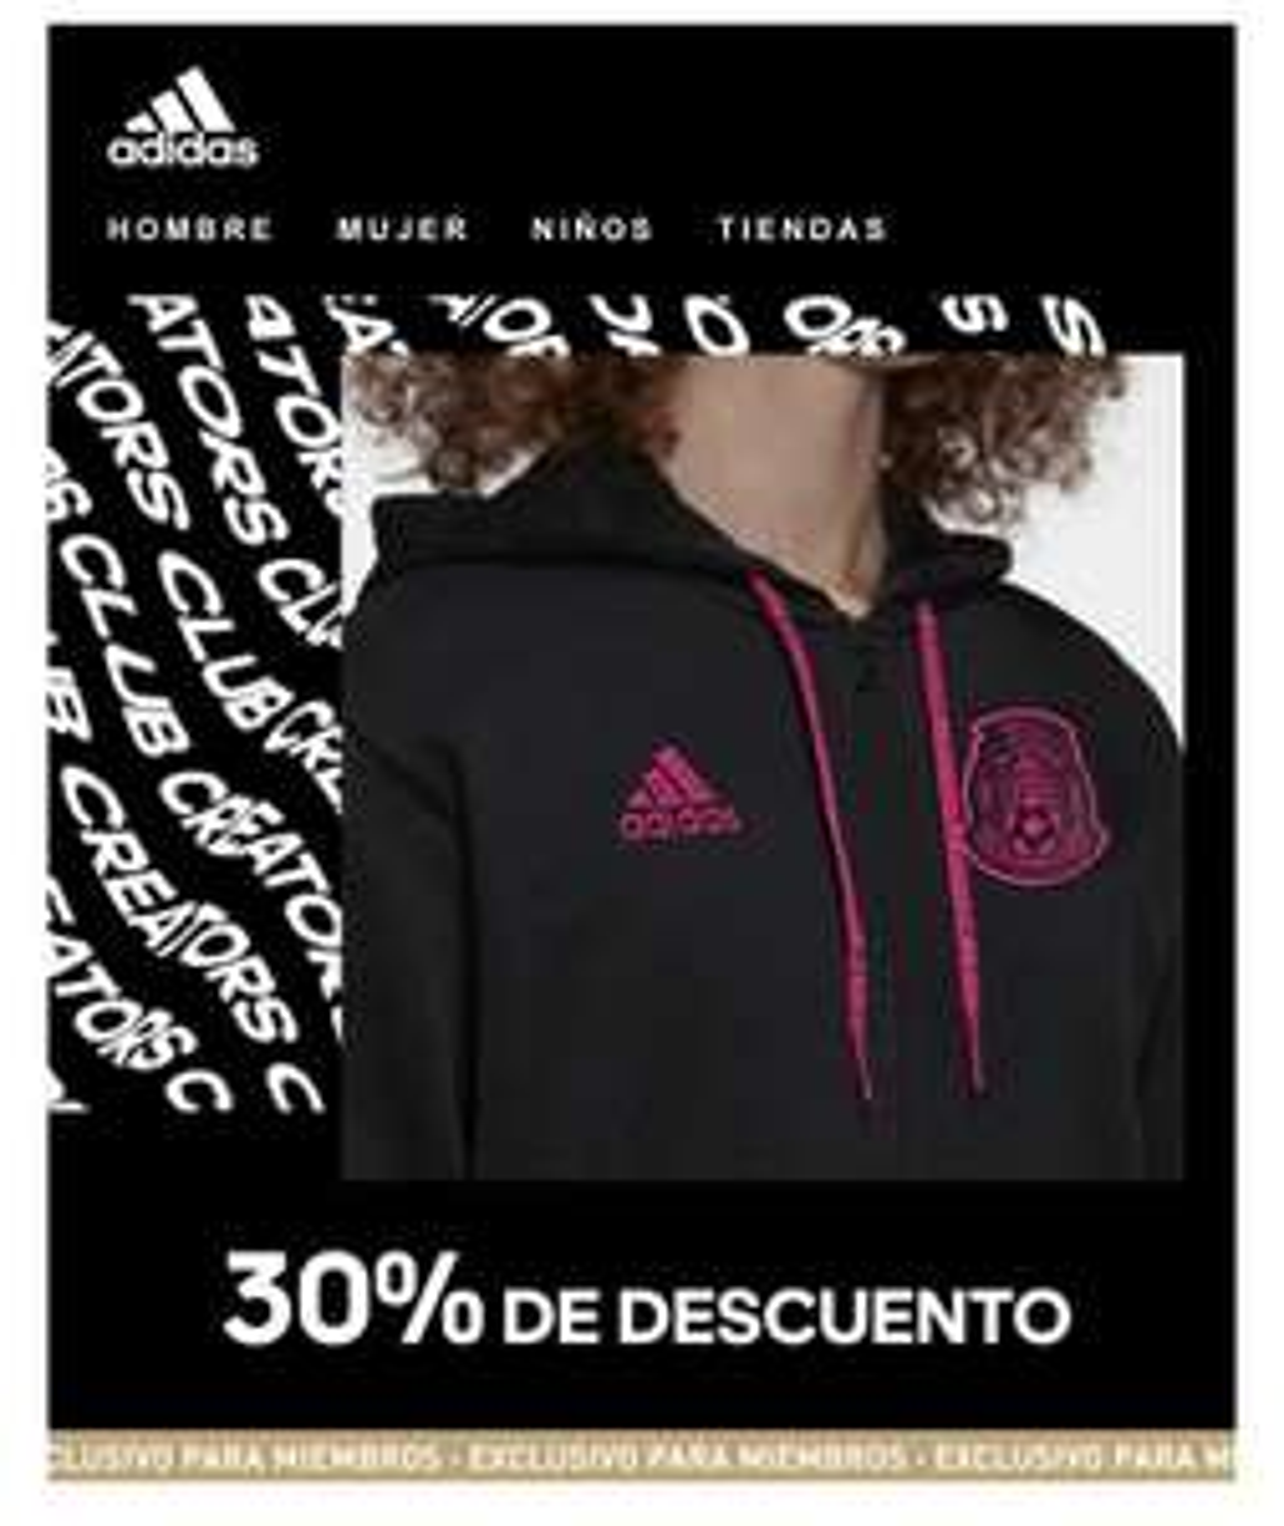 Adidas: Cupon de 30% de descuento